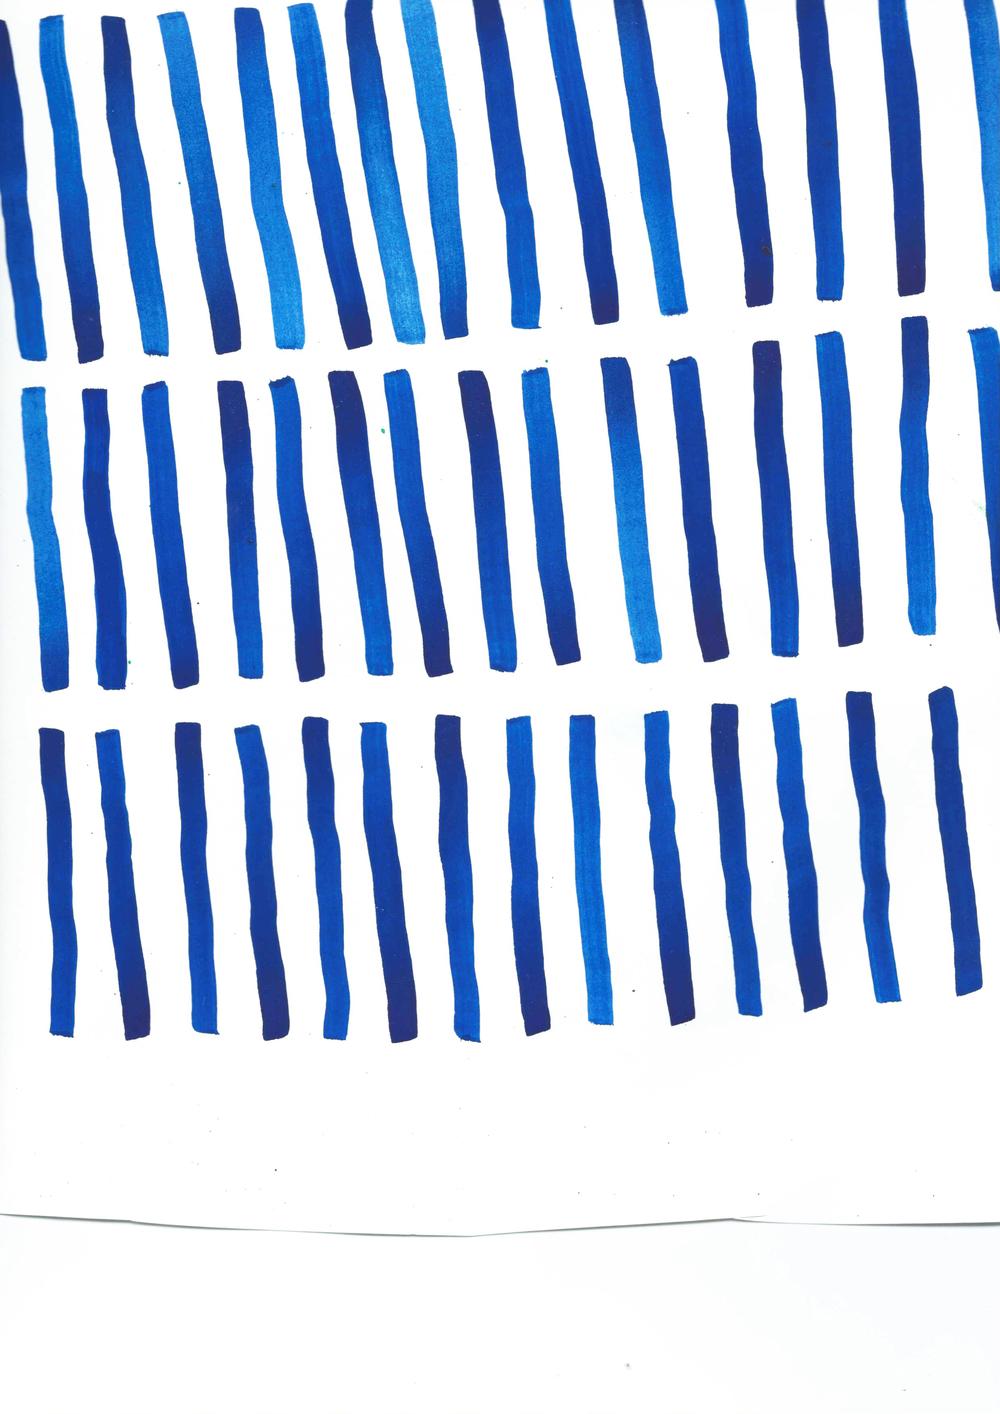 lines_b.jpg